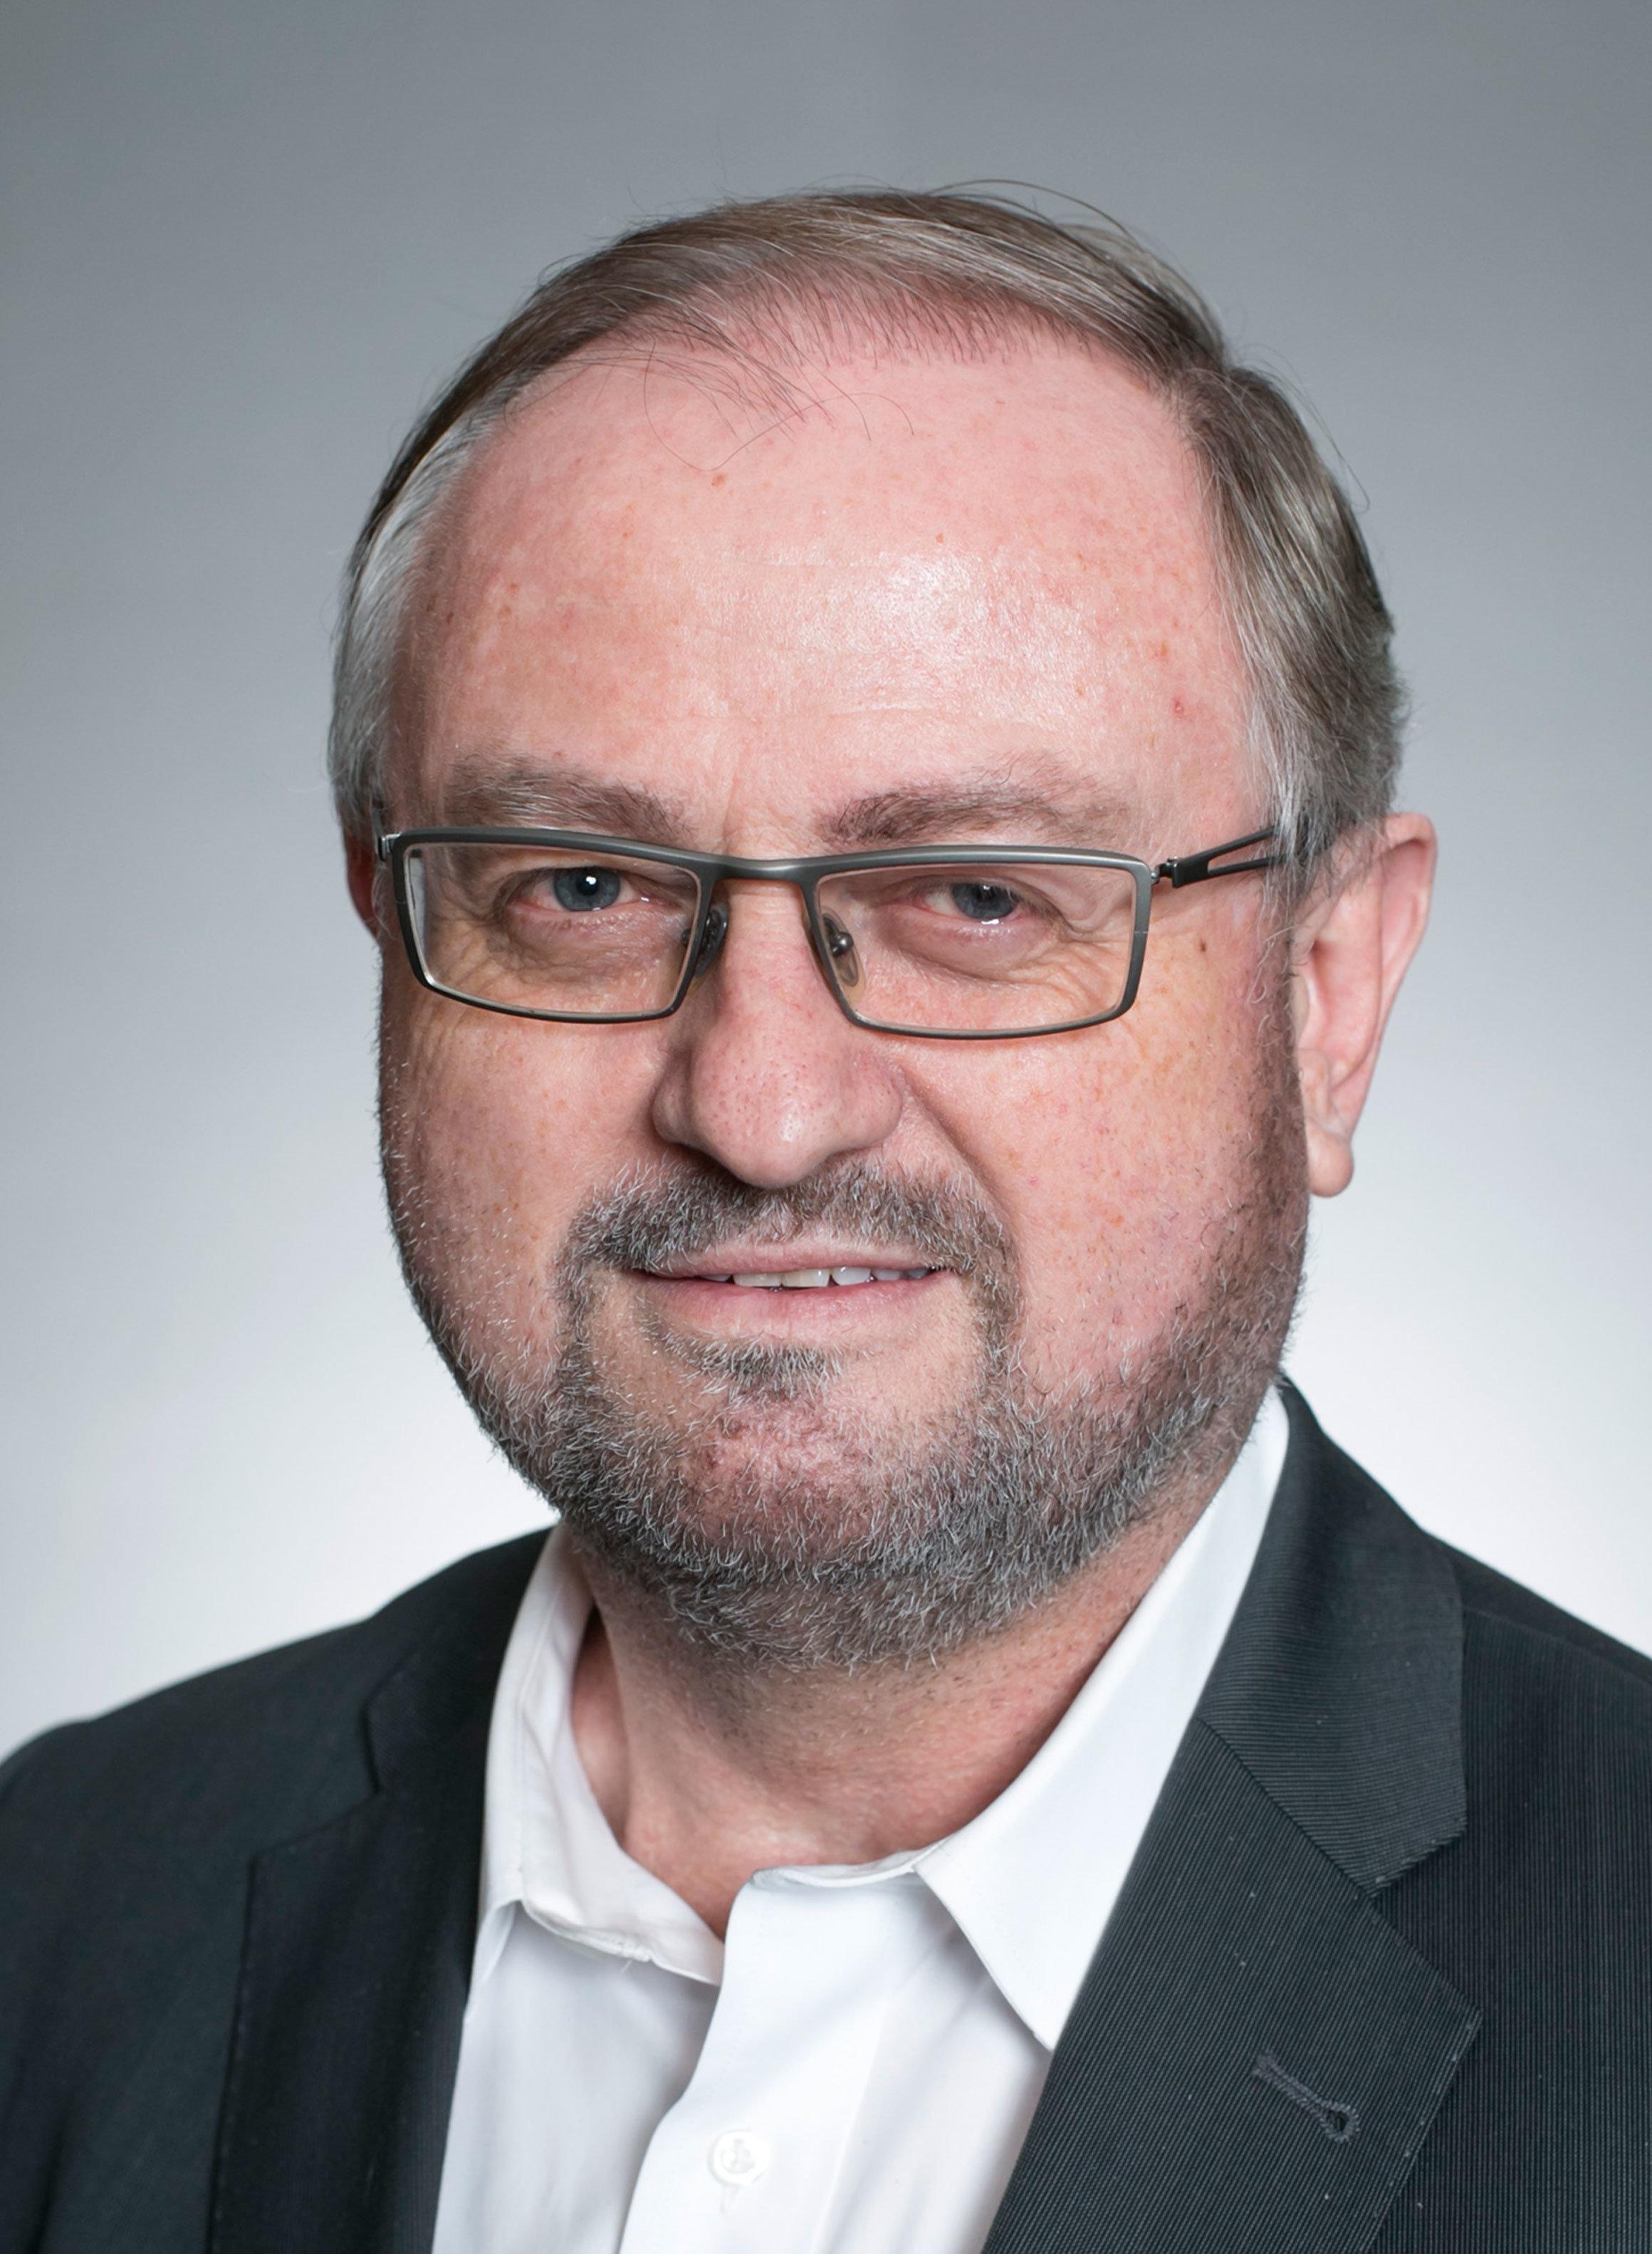 Bild – <b>Herbert Baumann</b> Vorstand der DDIM (JPEG-Datei / 2,31 MB) - Herbert-Baumann